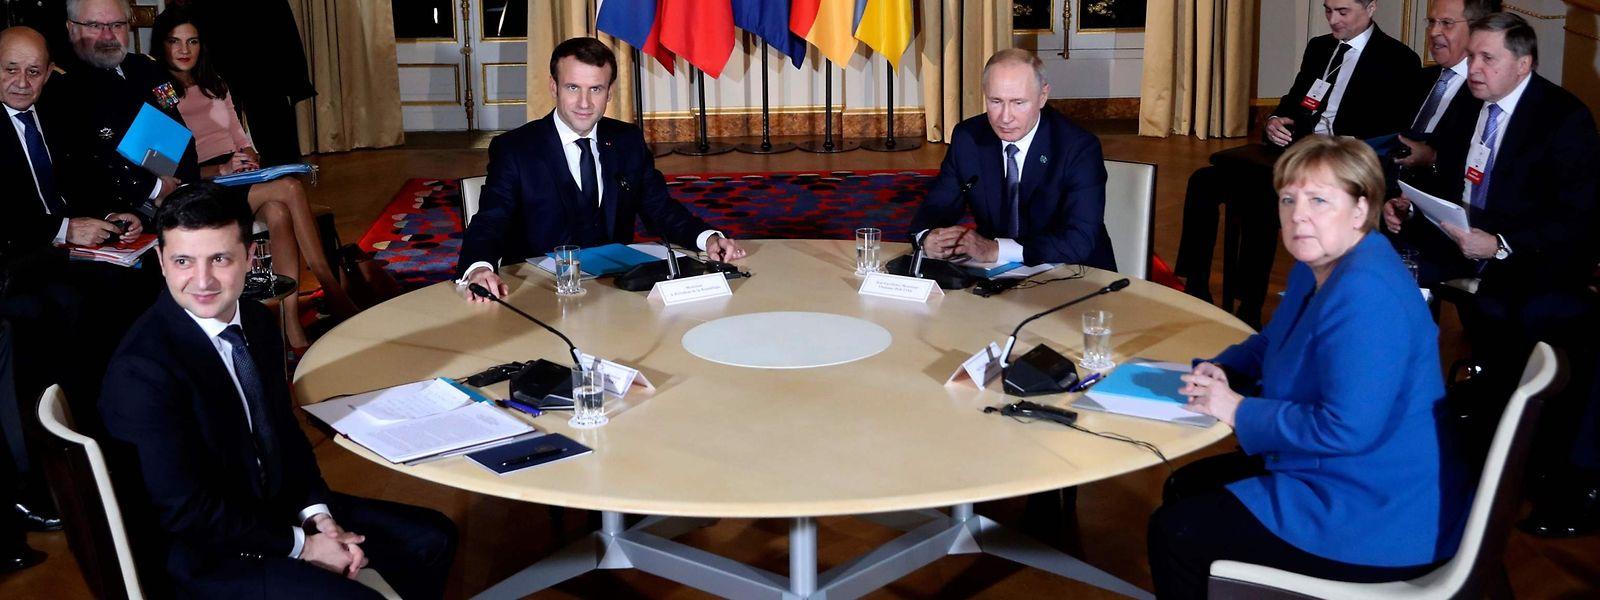 Der ukrainische Präsident Wolodymyr Selenskyj, Gastgeber Emmanuel Macron, Russlands Staatschef Wladimir Putin und die deutsche Regierungschefin Angela Merkel (v.l.n.r.) diskutierten im Élyséepalast.